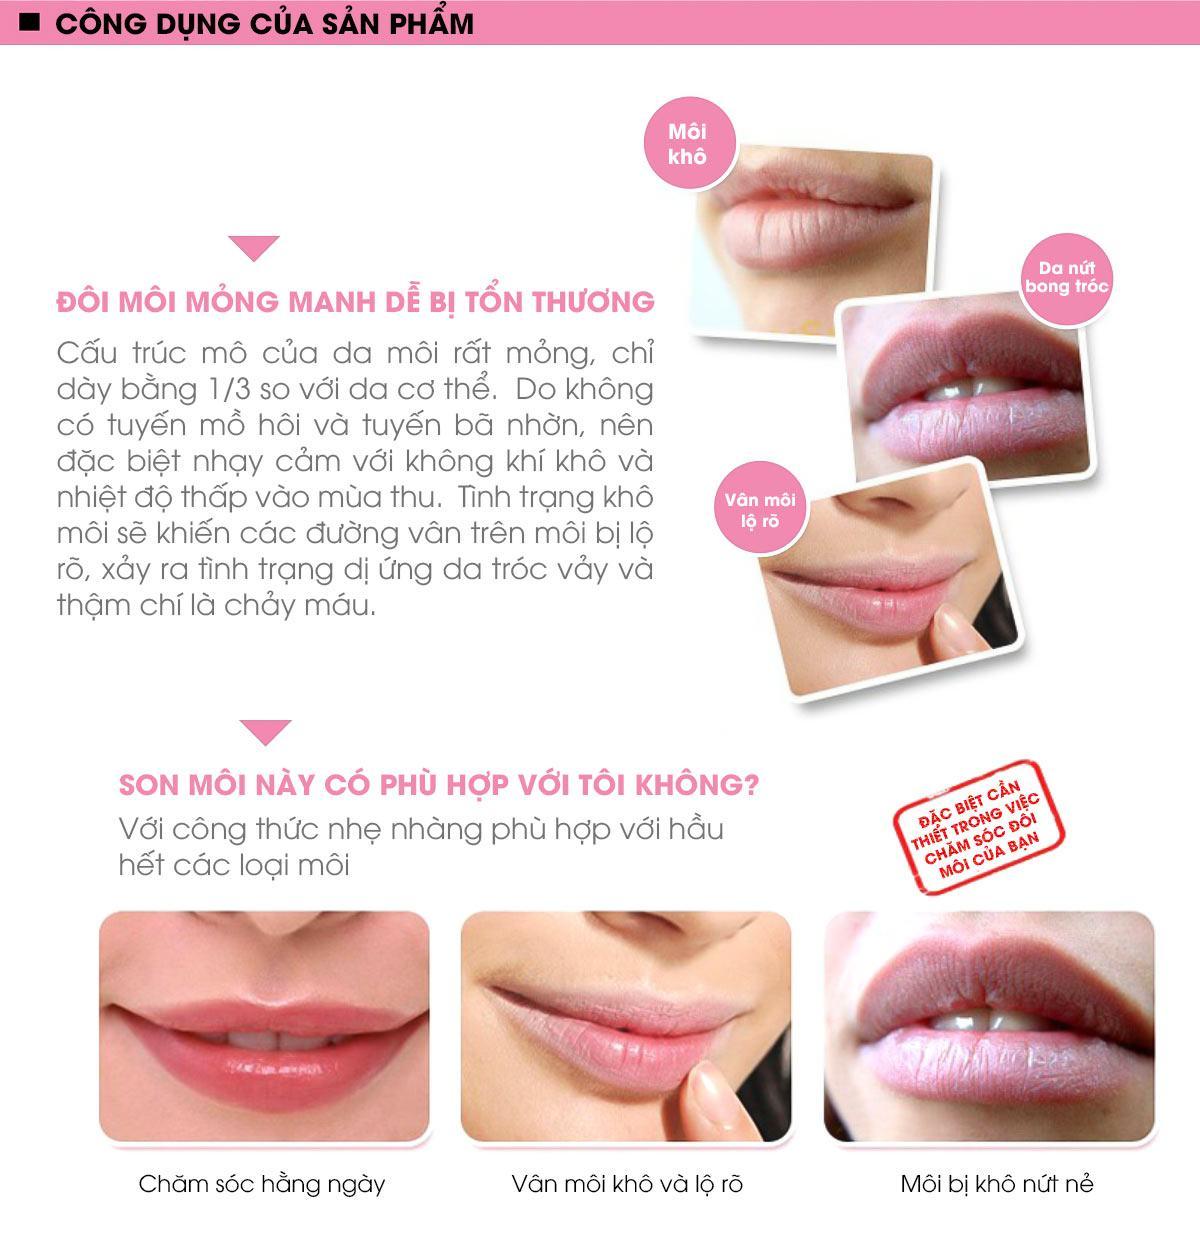 Công Dụng Của Son Dưỡng Moisturizing Lipstick